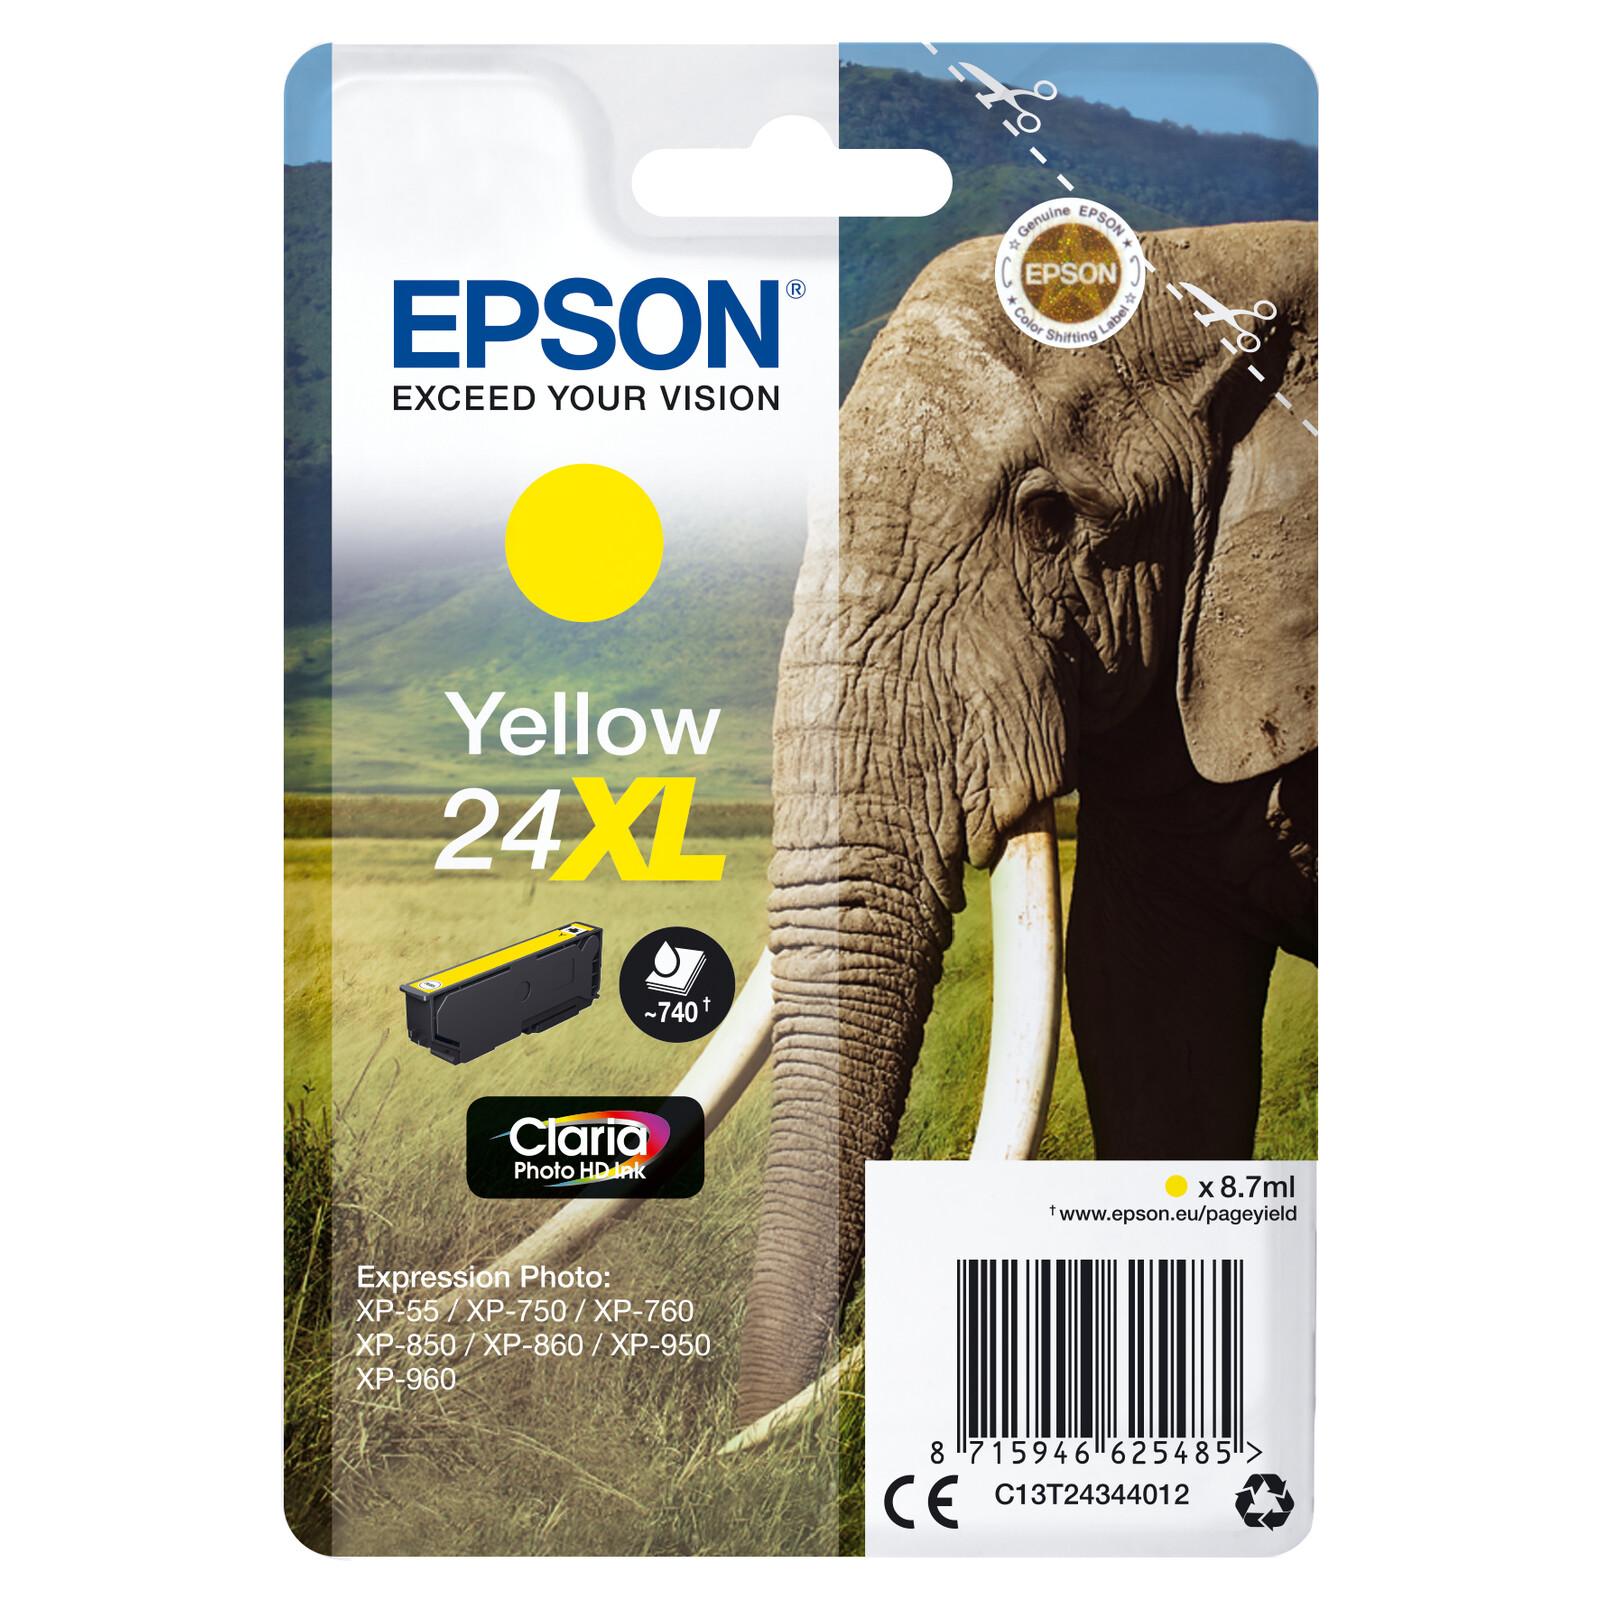 Epson 24XL T2434 Tinte Photo Yellow 8,7ml